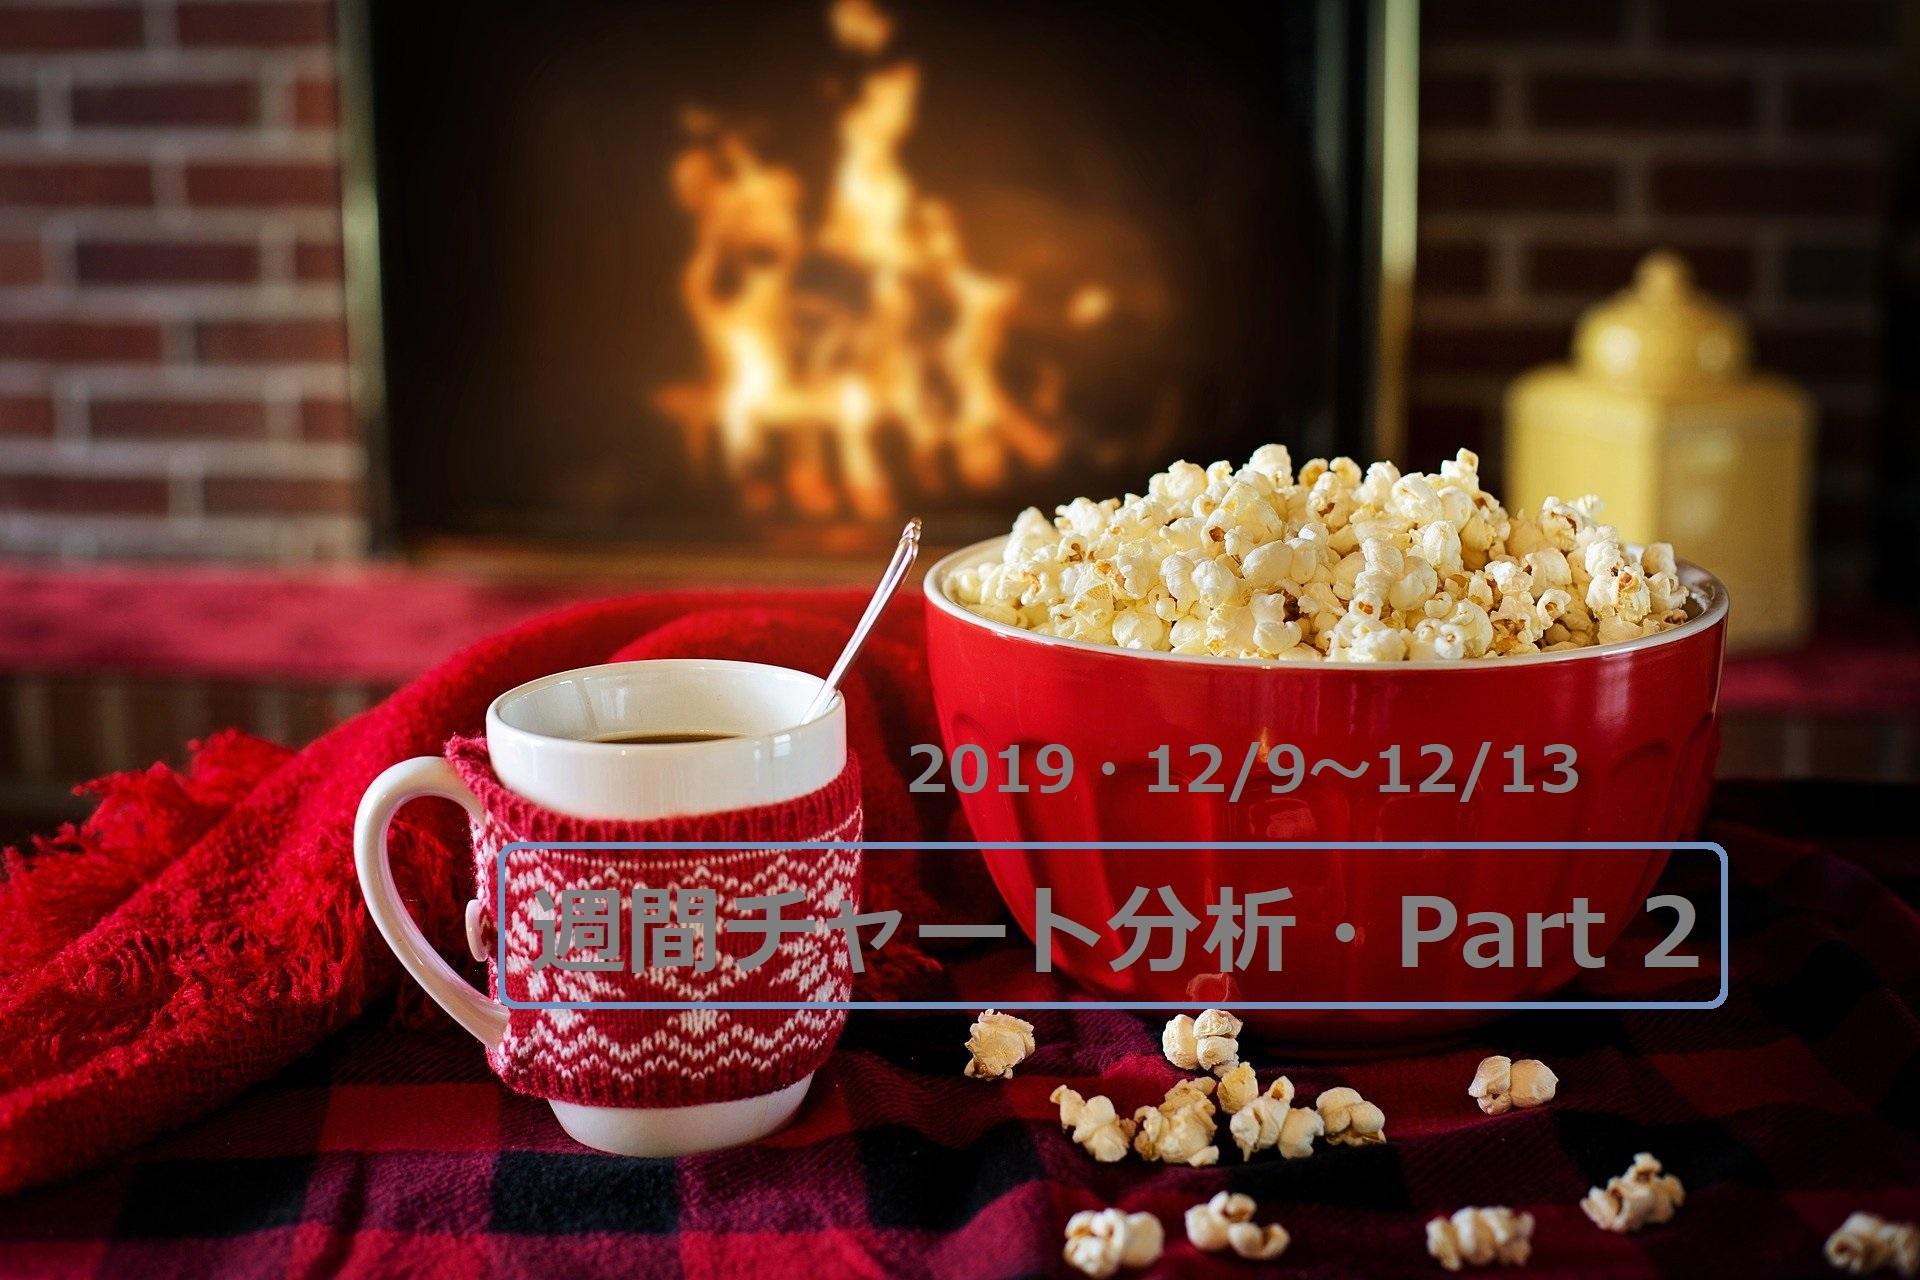 【FX】週間チャート分析【2019・12/9~12/13】【Part 2】